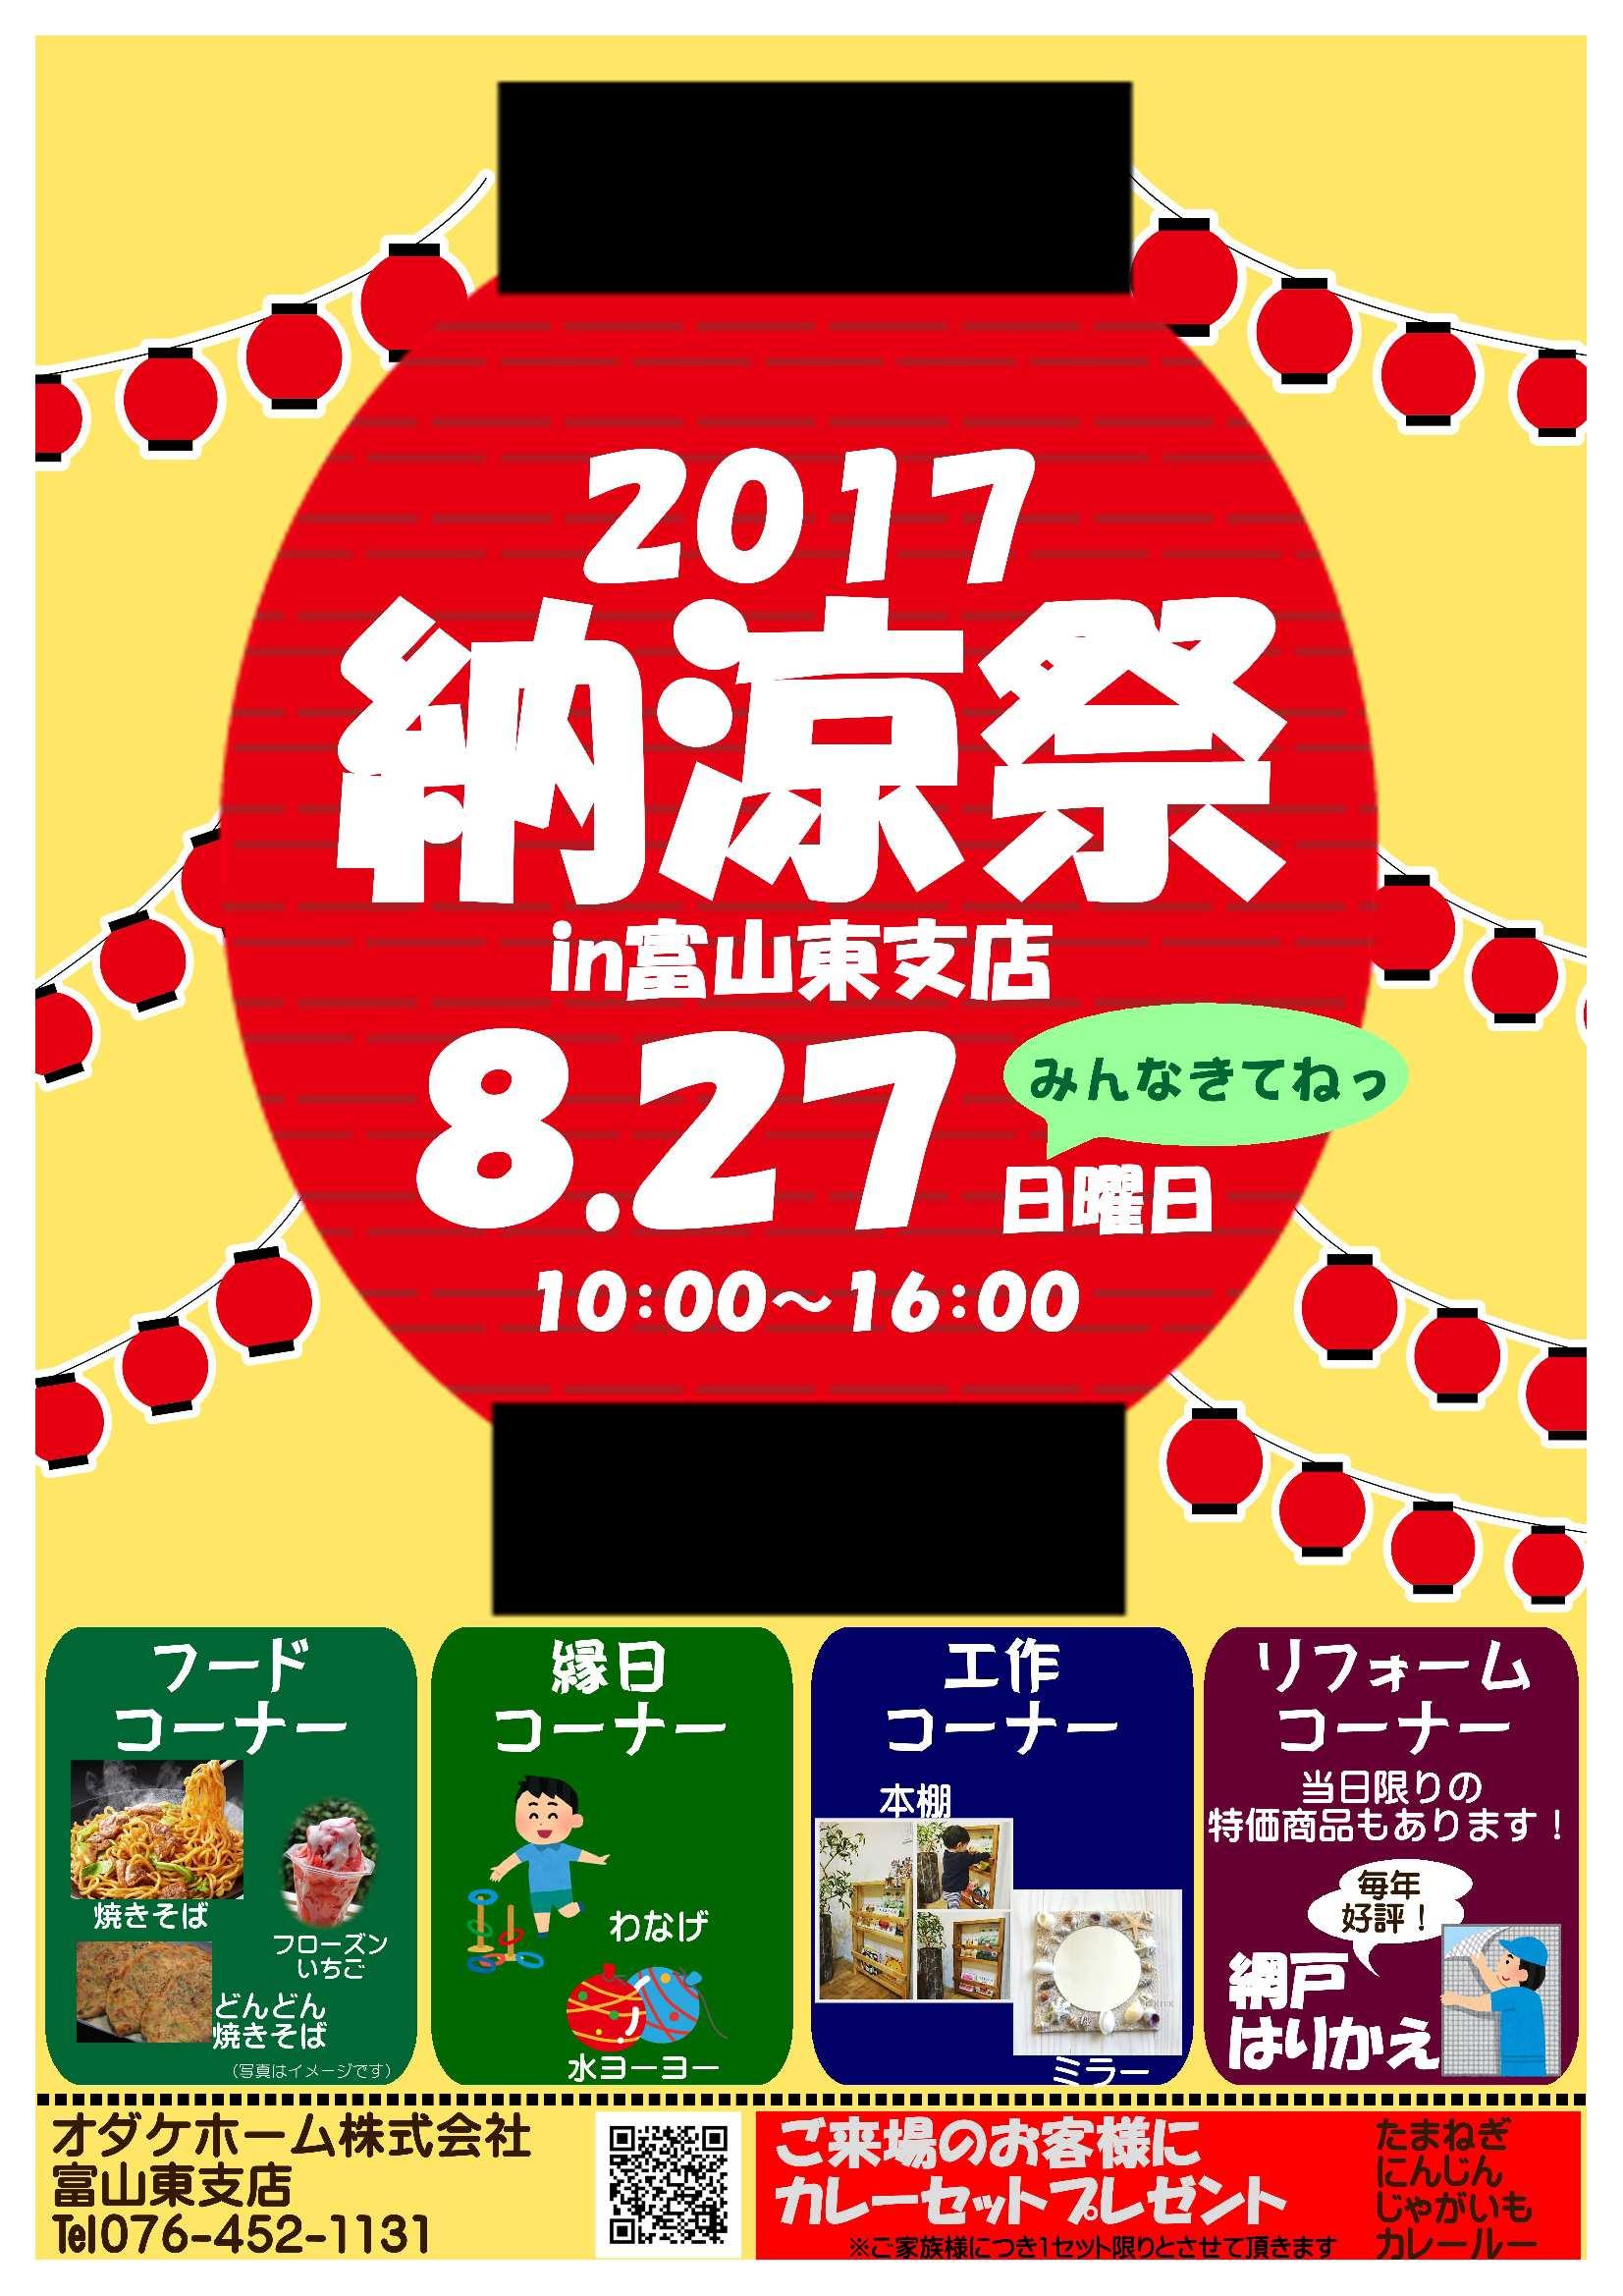 8/27(日)みんな来てねっ!納涼祭in富山東支店